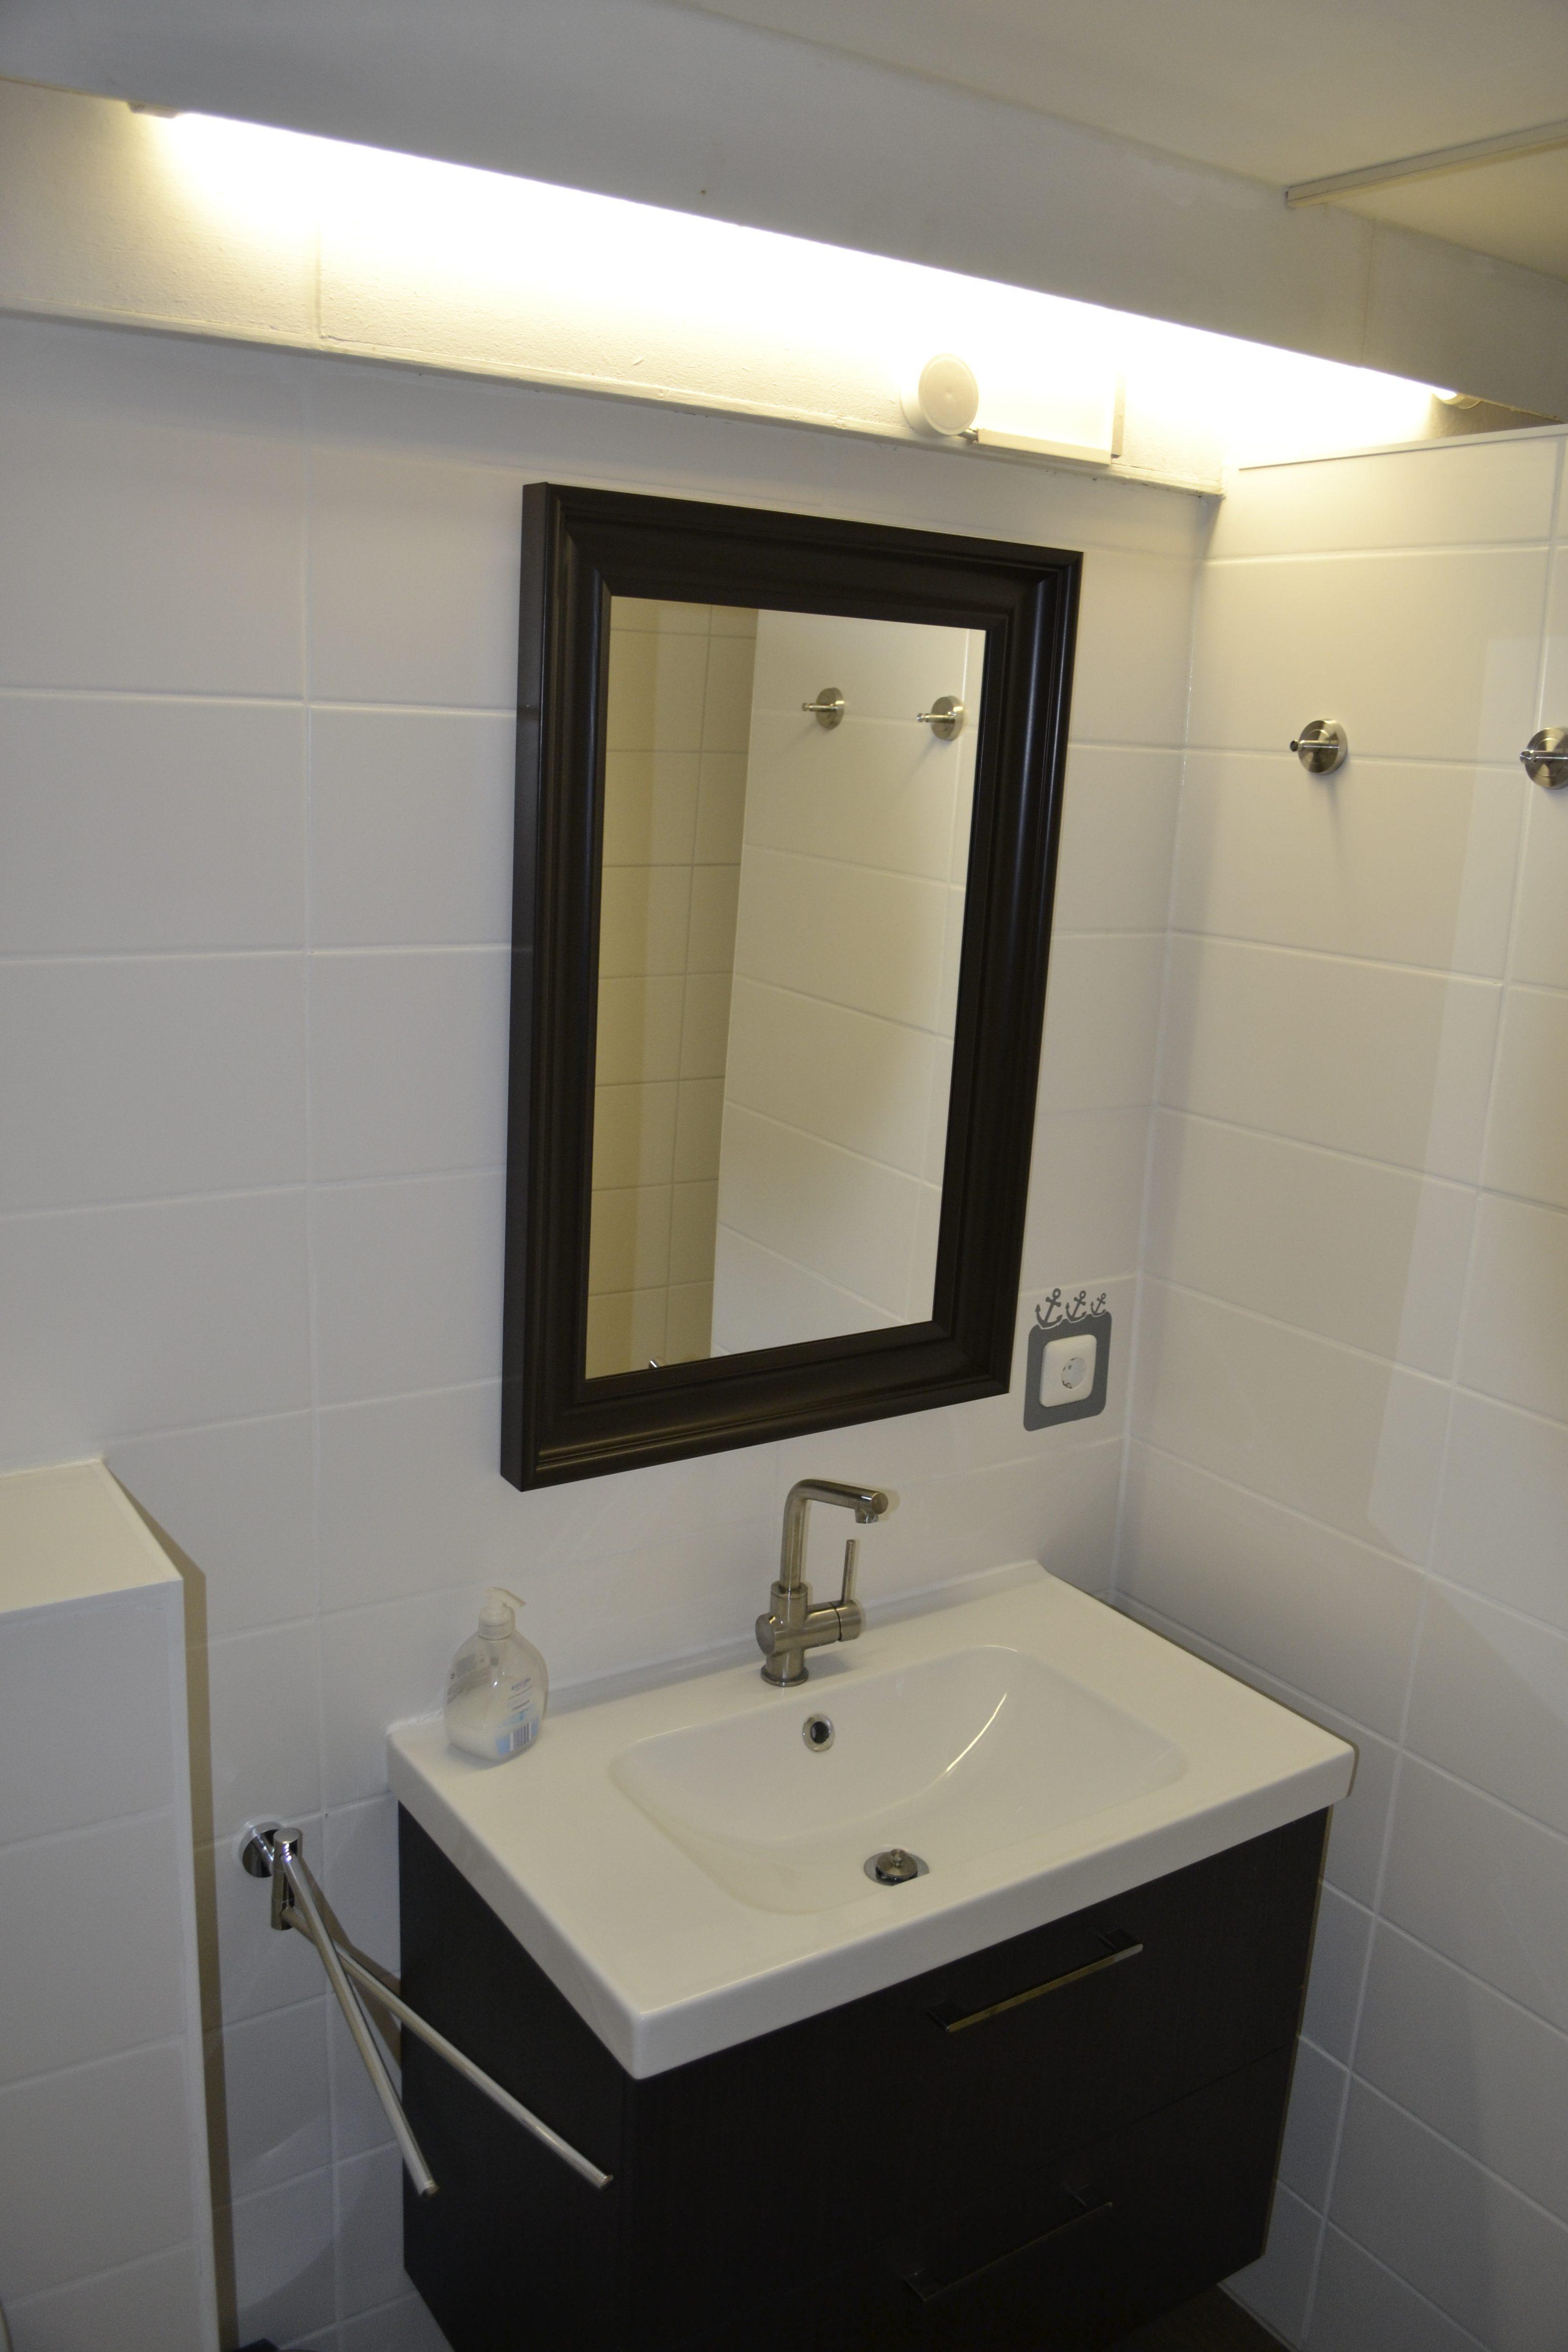 Badezimmer: Waschtisch mit Stauraum